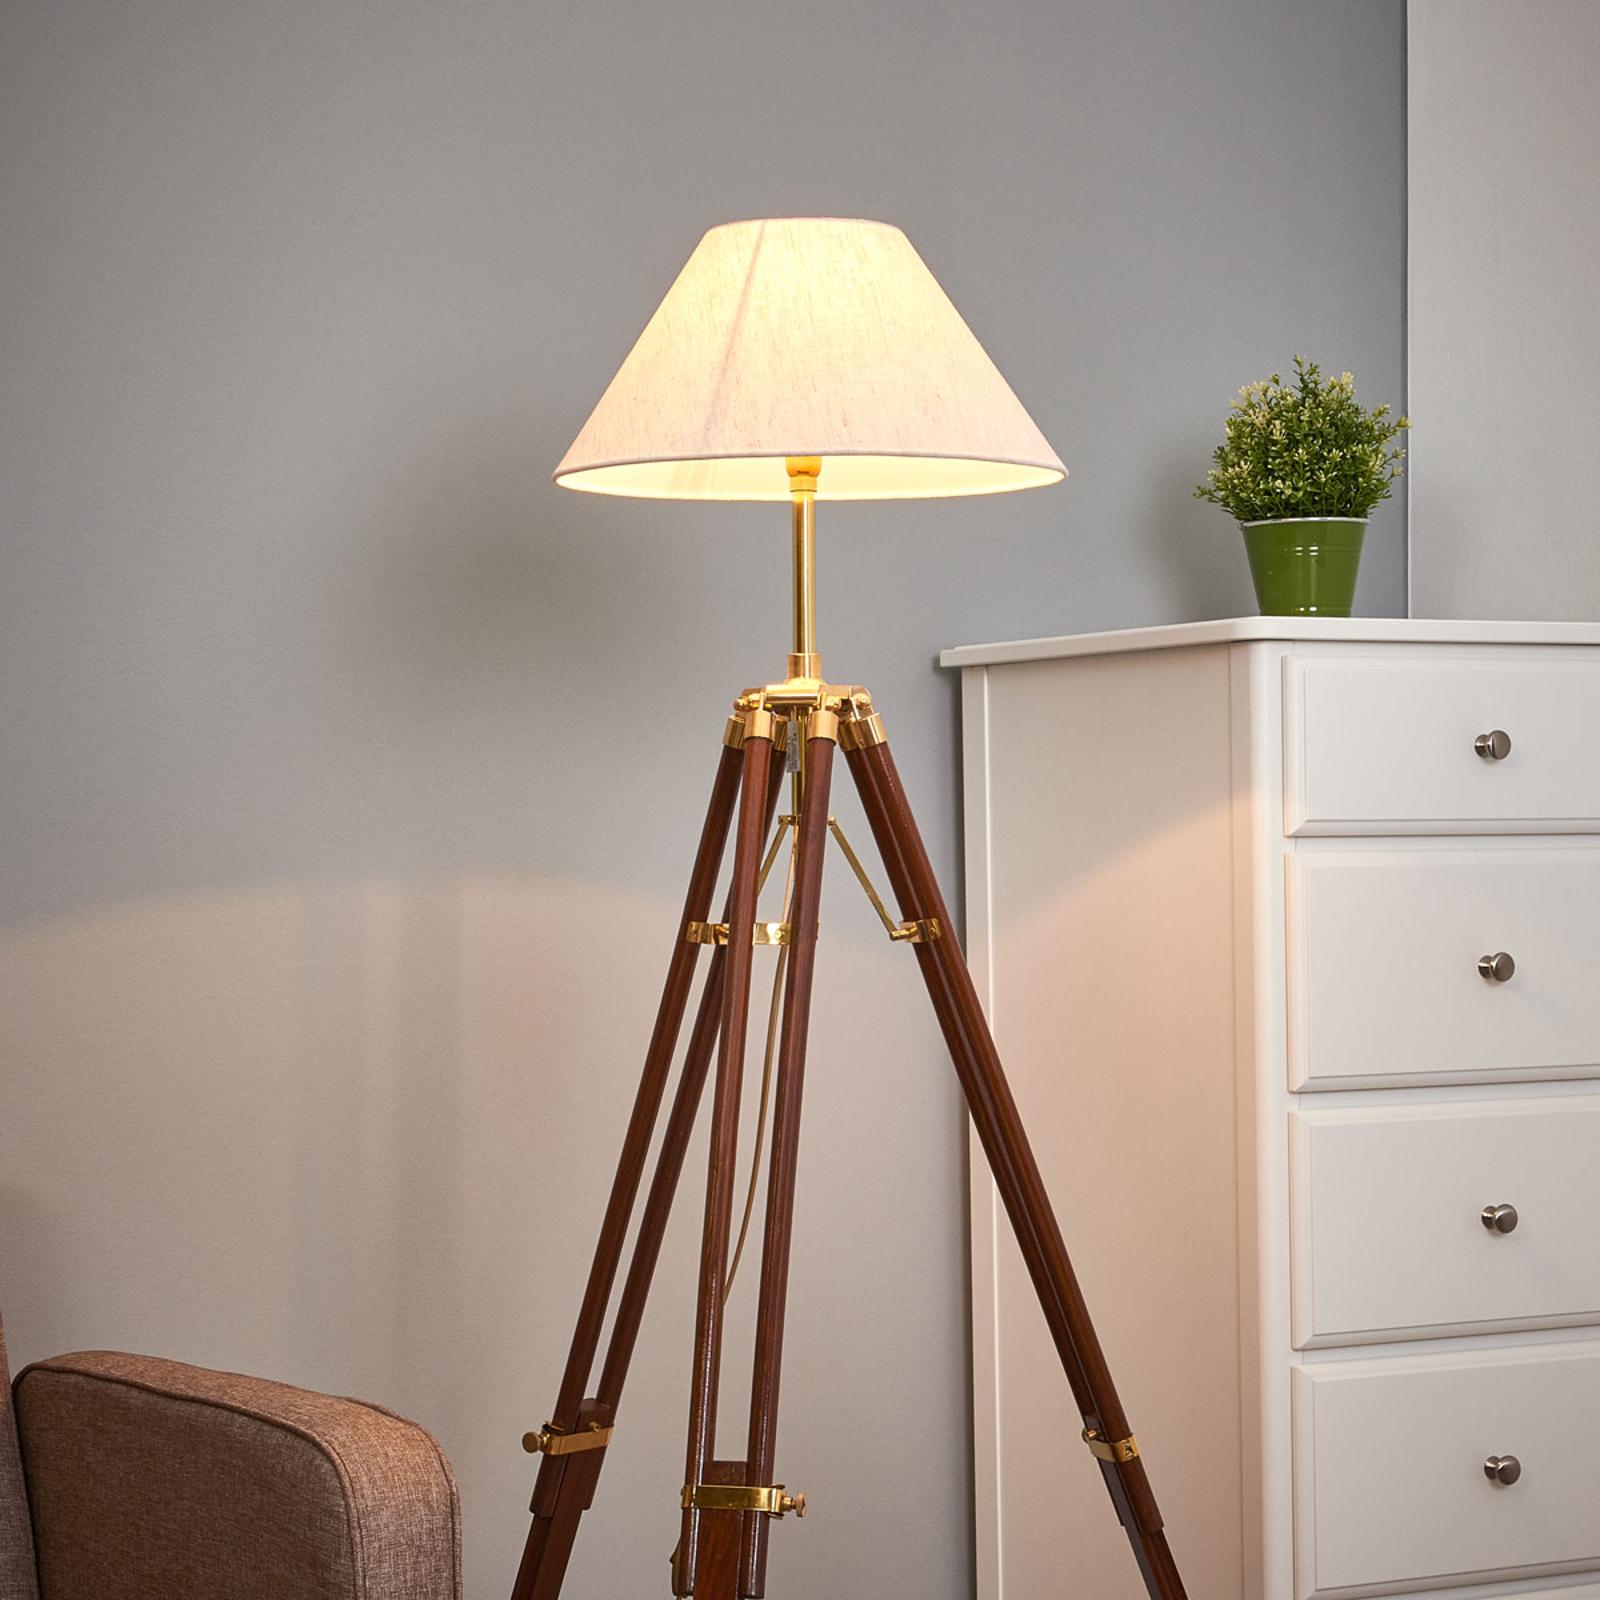 Wspaniała lampa stojąca STATIV z białym kloszem